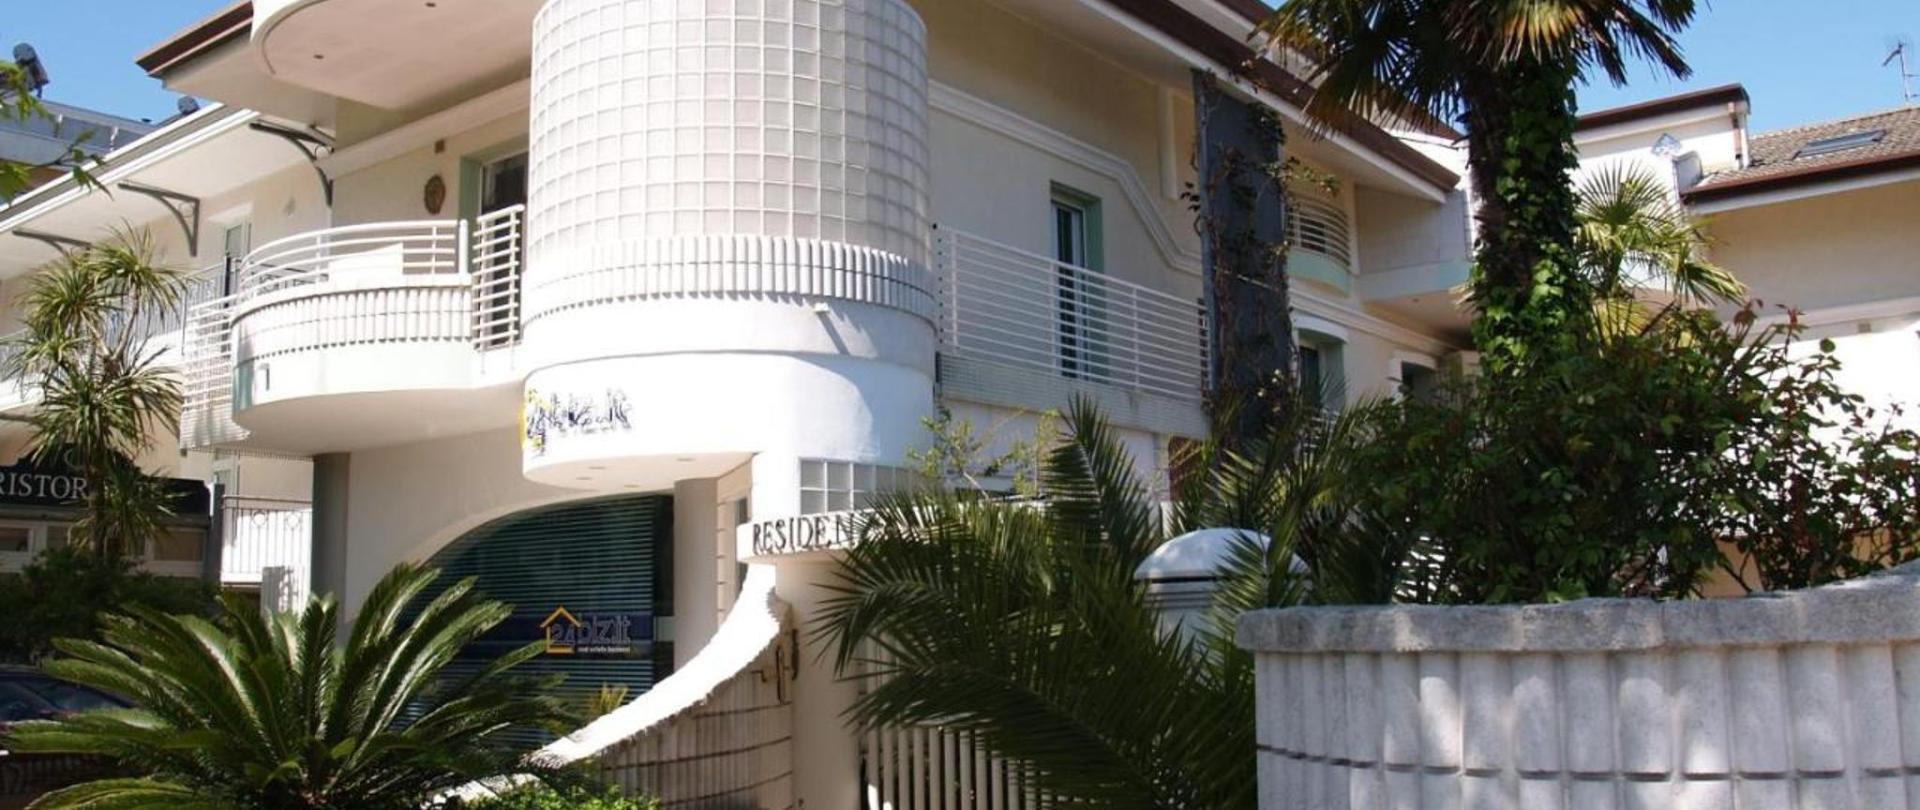 Residenza Zaccolo